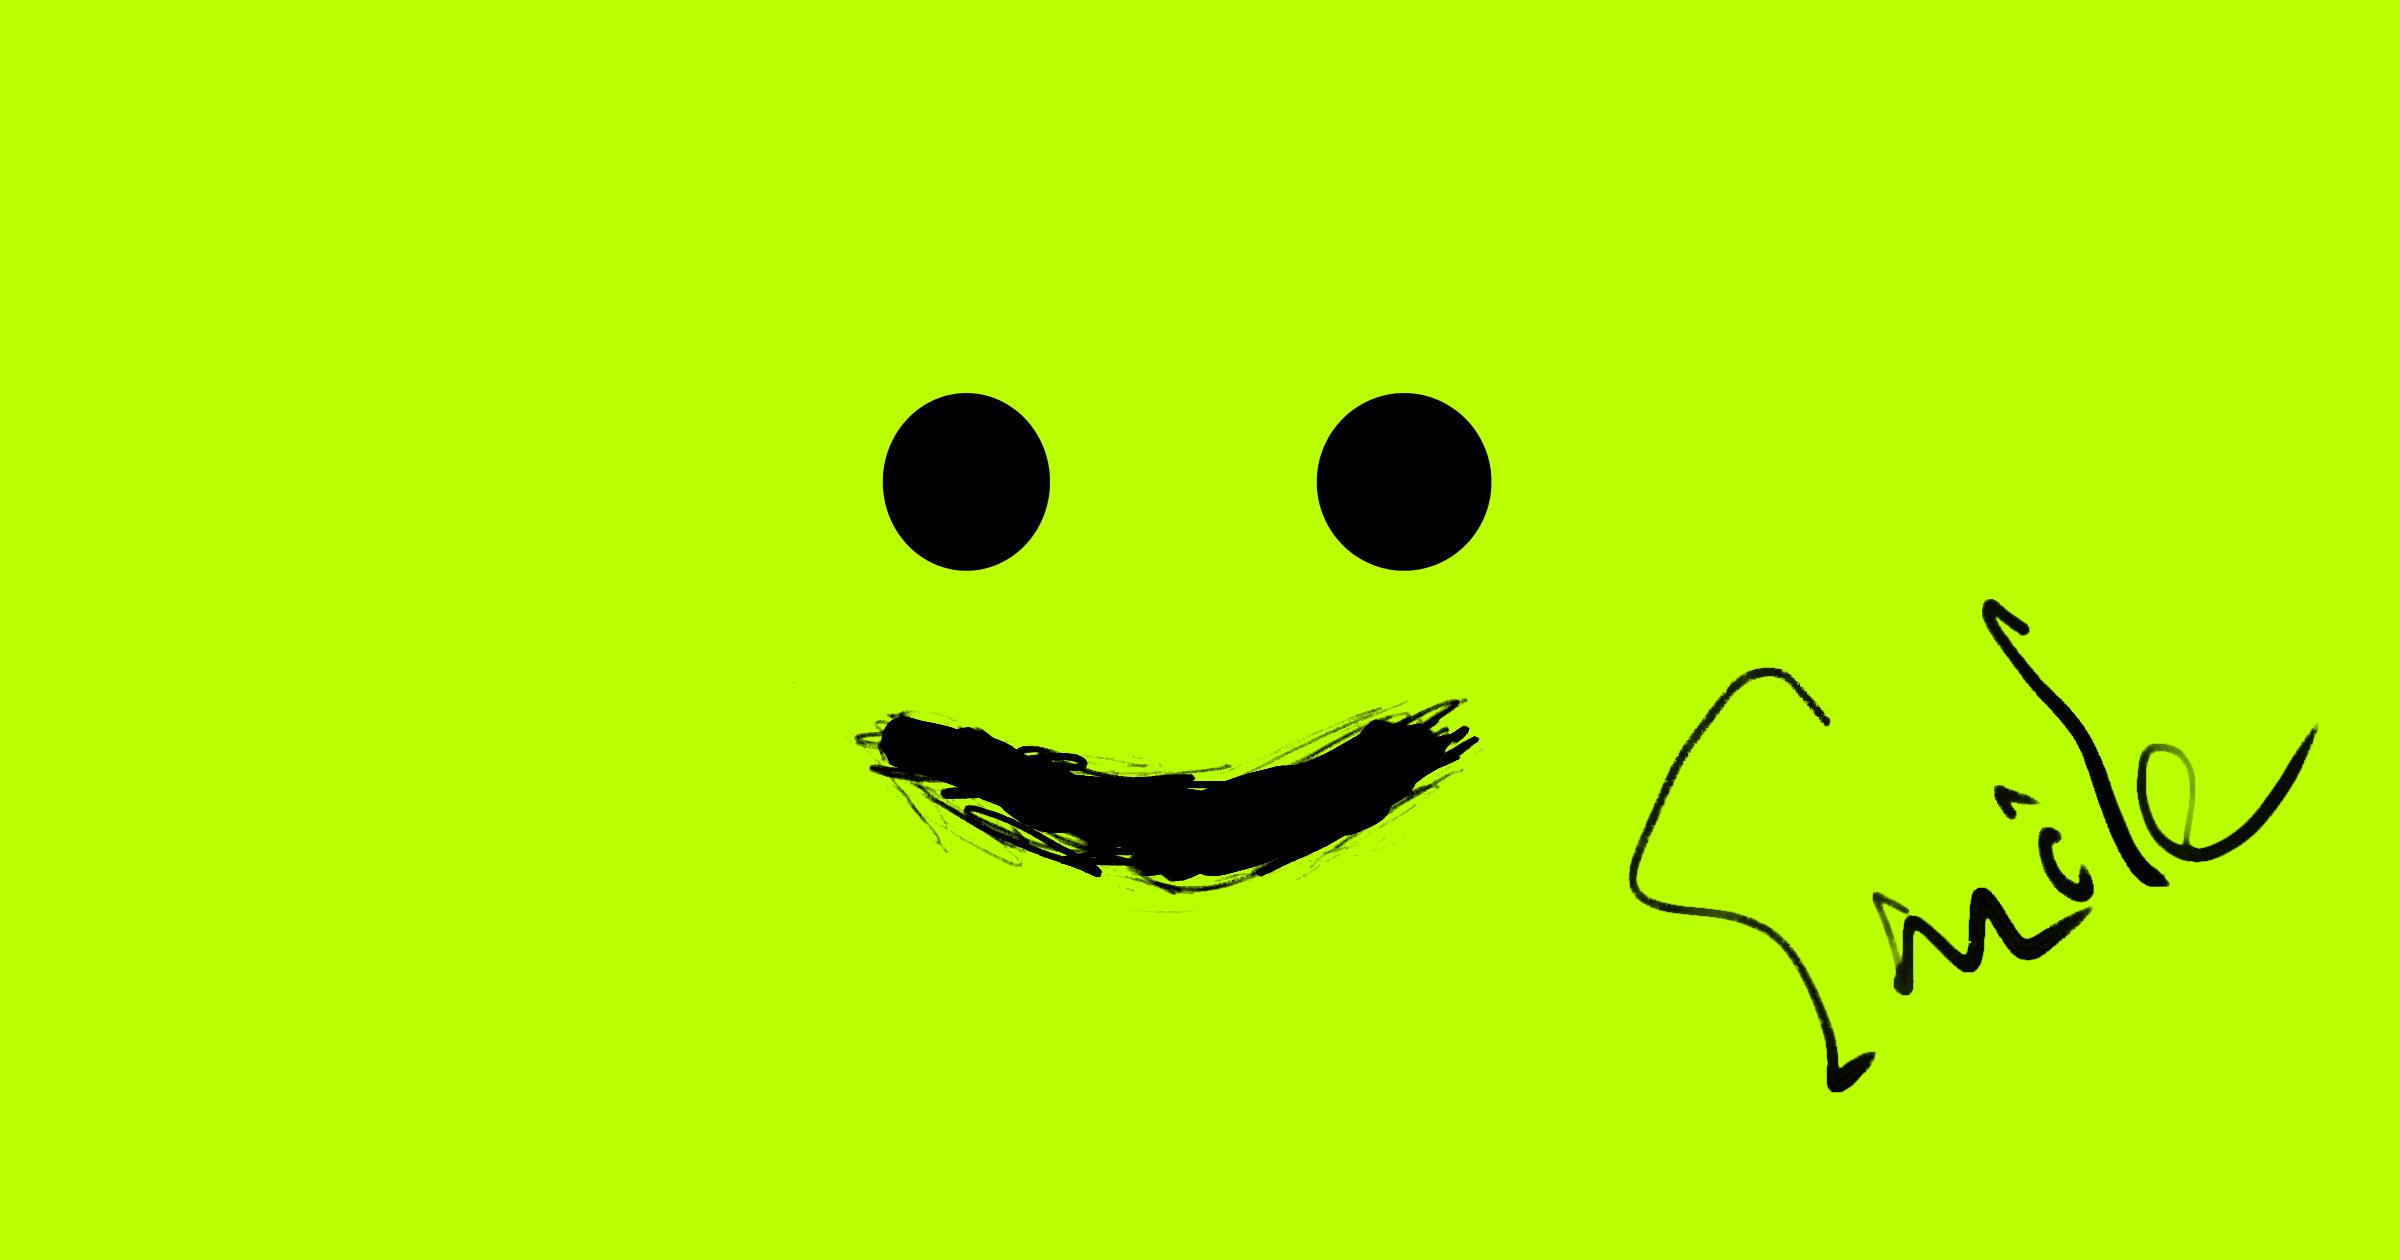 笑顔( スマイル )が画像共有の表情として最適といえる理由